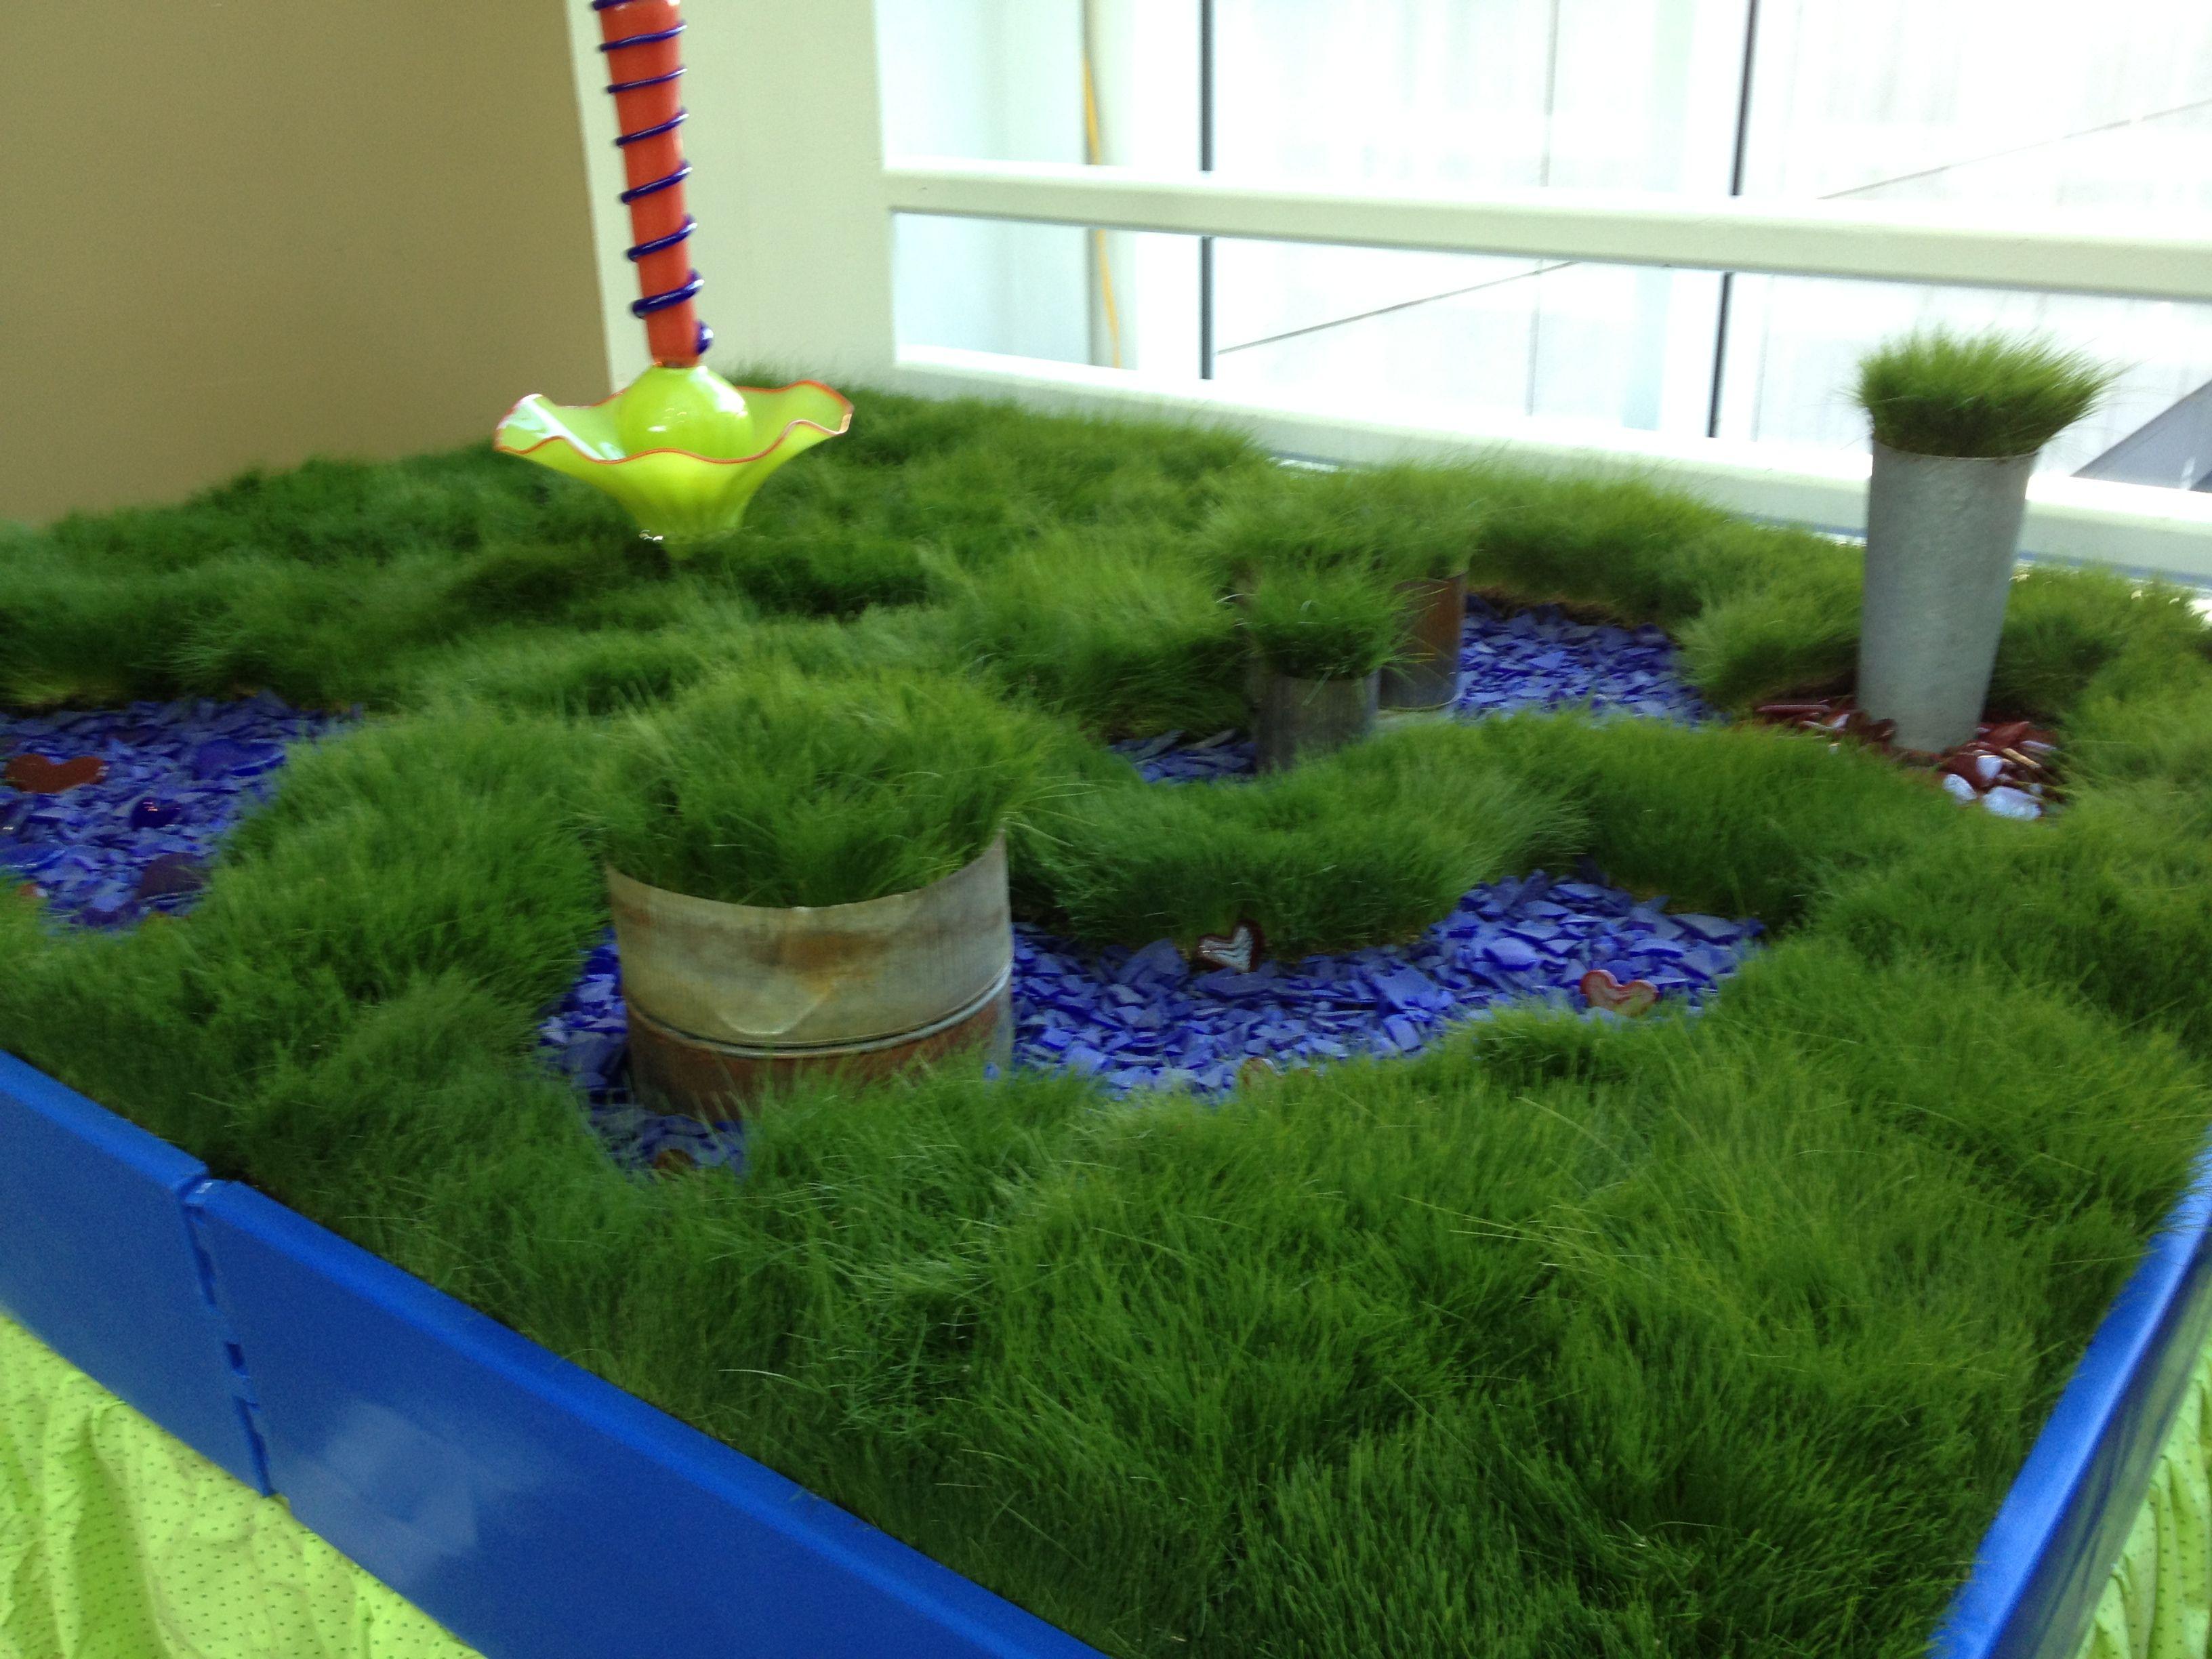 Ecolawnglassgarden at northwest flower and garden show in